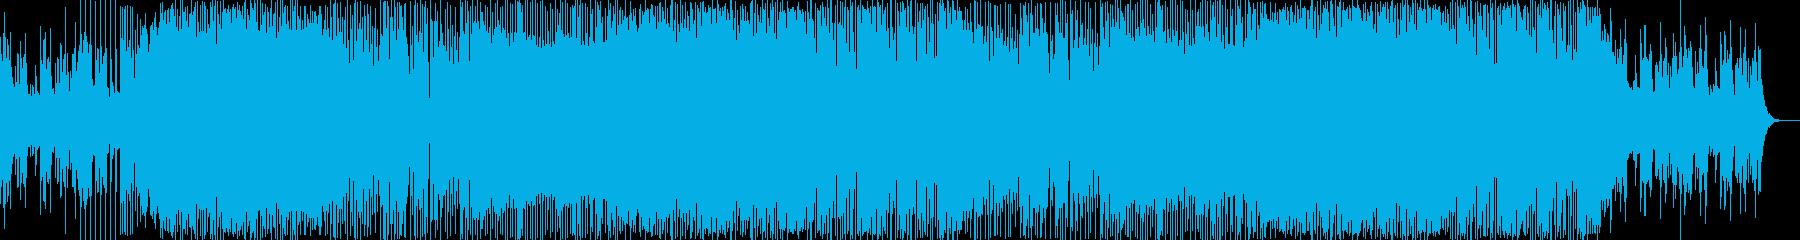 爽やかさのある津軽三味線EDMの再生済みの波形